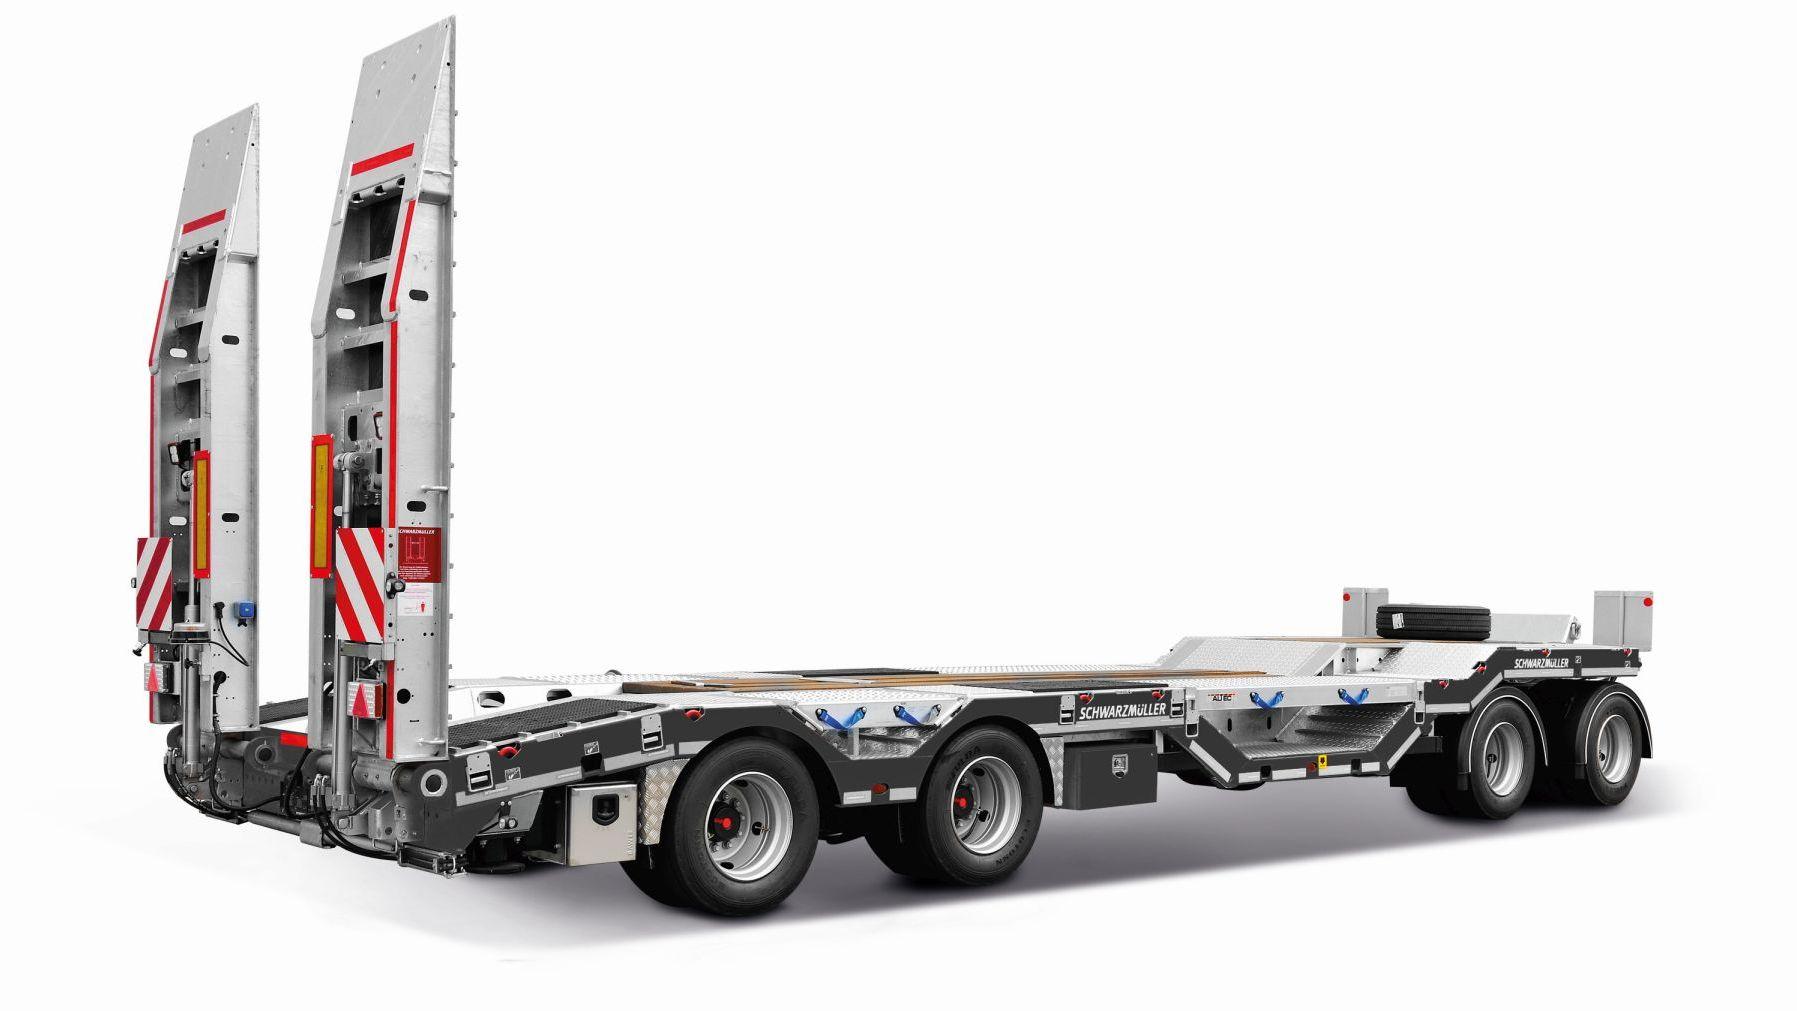 Il trasporto di macchine movimento terra vede il costruttore austriaco presente con una gamma di soluzioni versatili e polivalenti